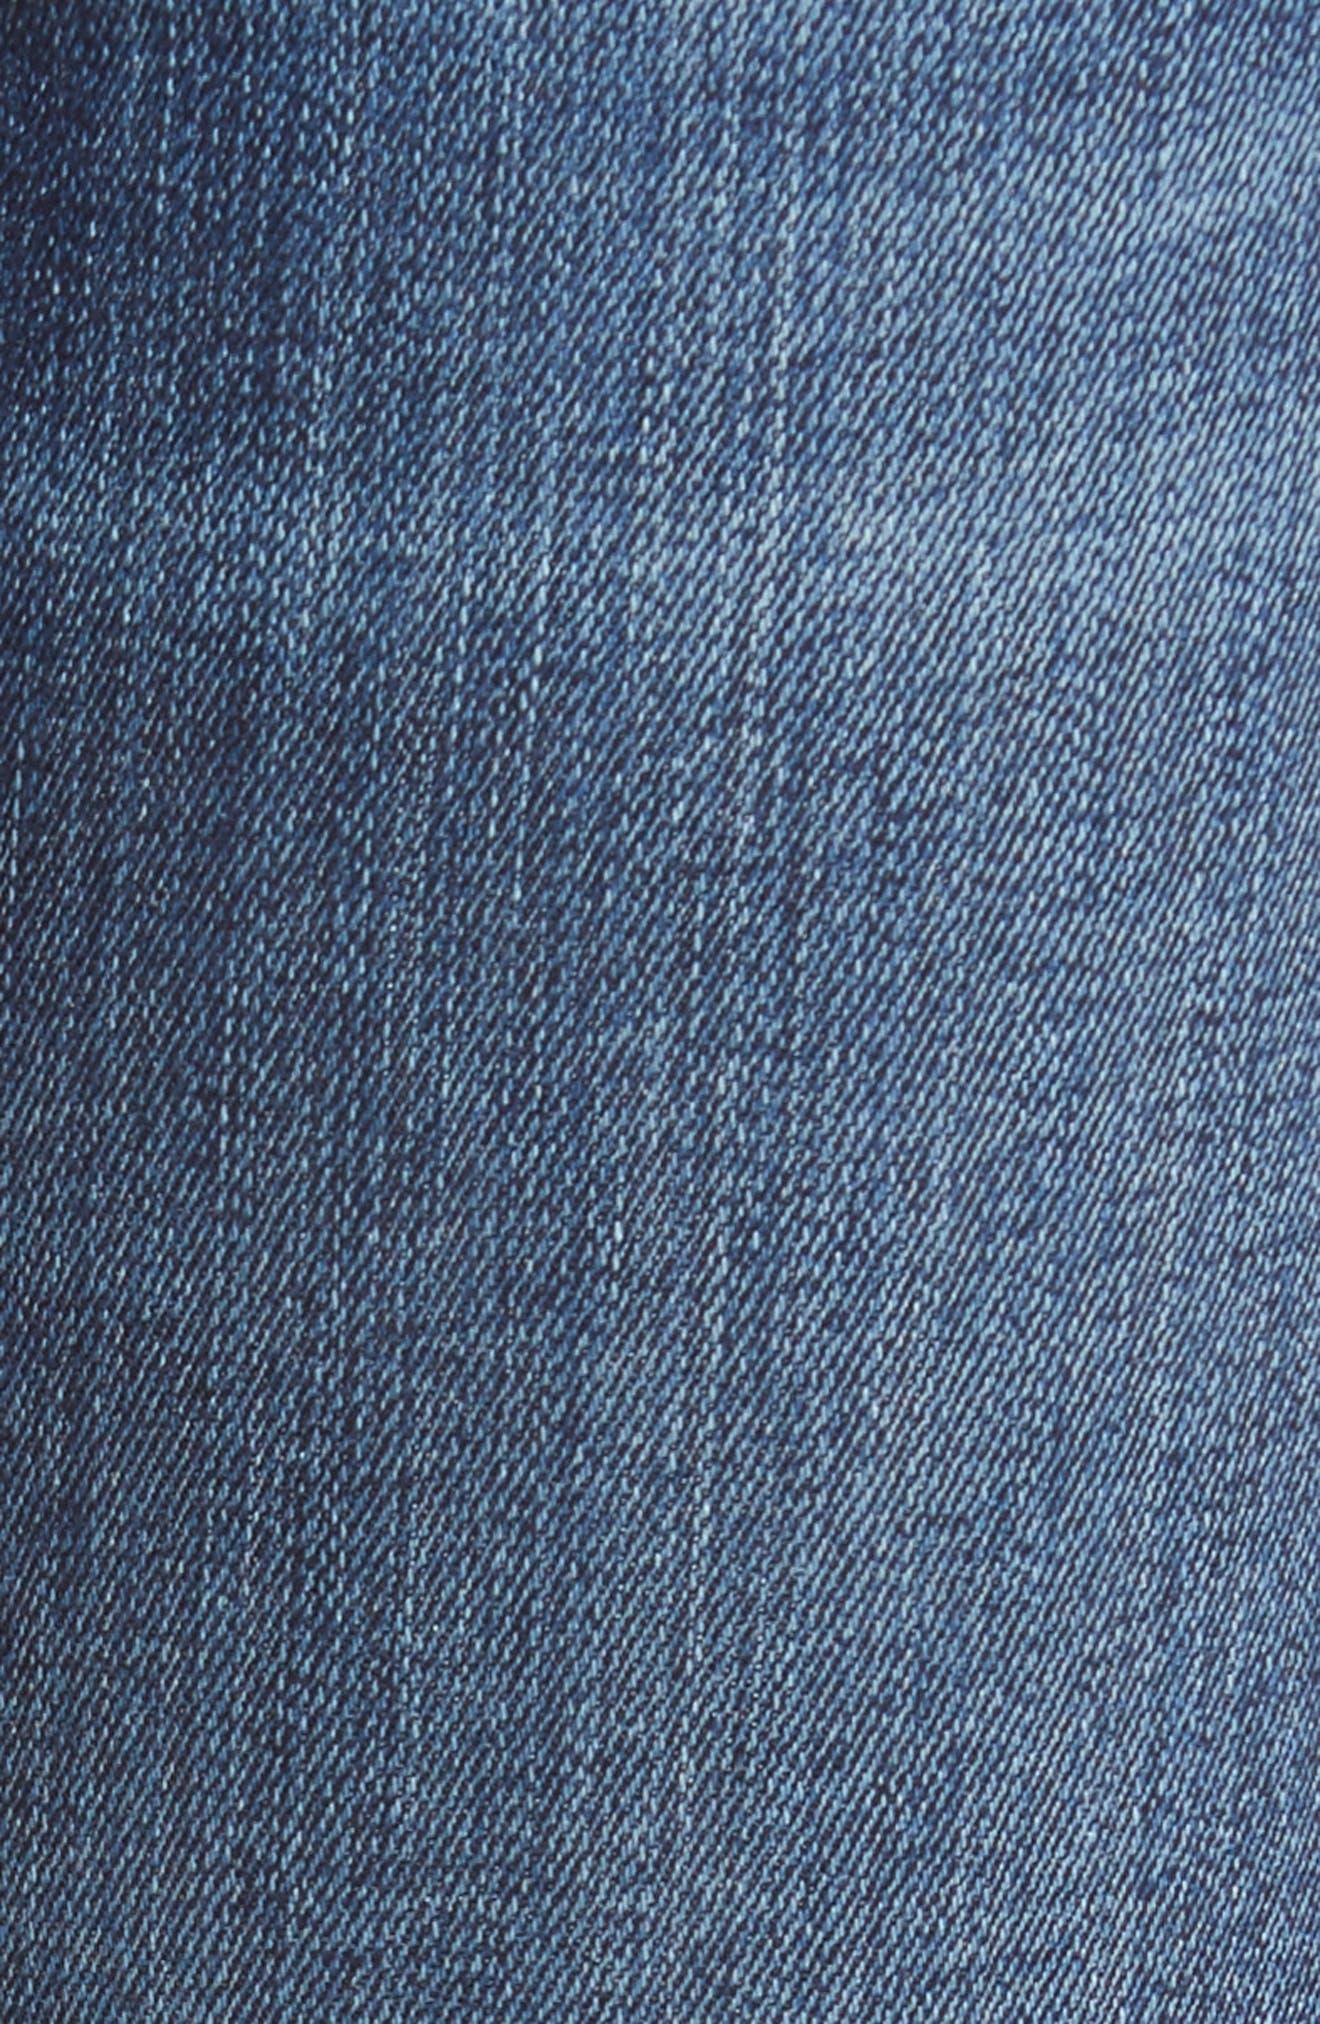 The Ankle Skinny Ripped Step Hem Jeans,                             Alternate thumbnail 5, color,                             Midnight Desert 2